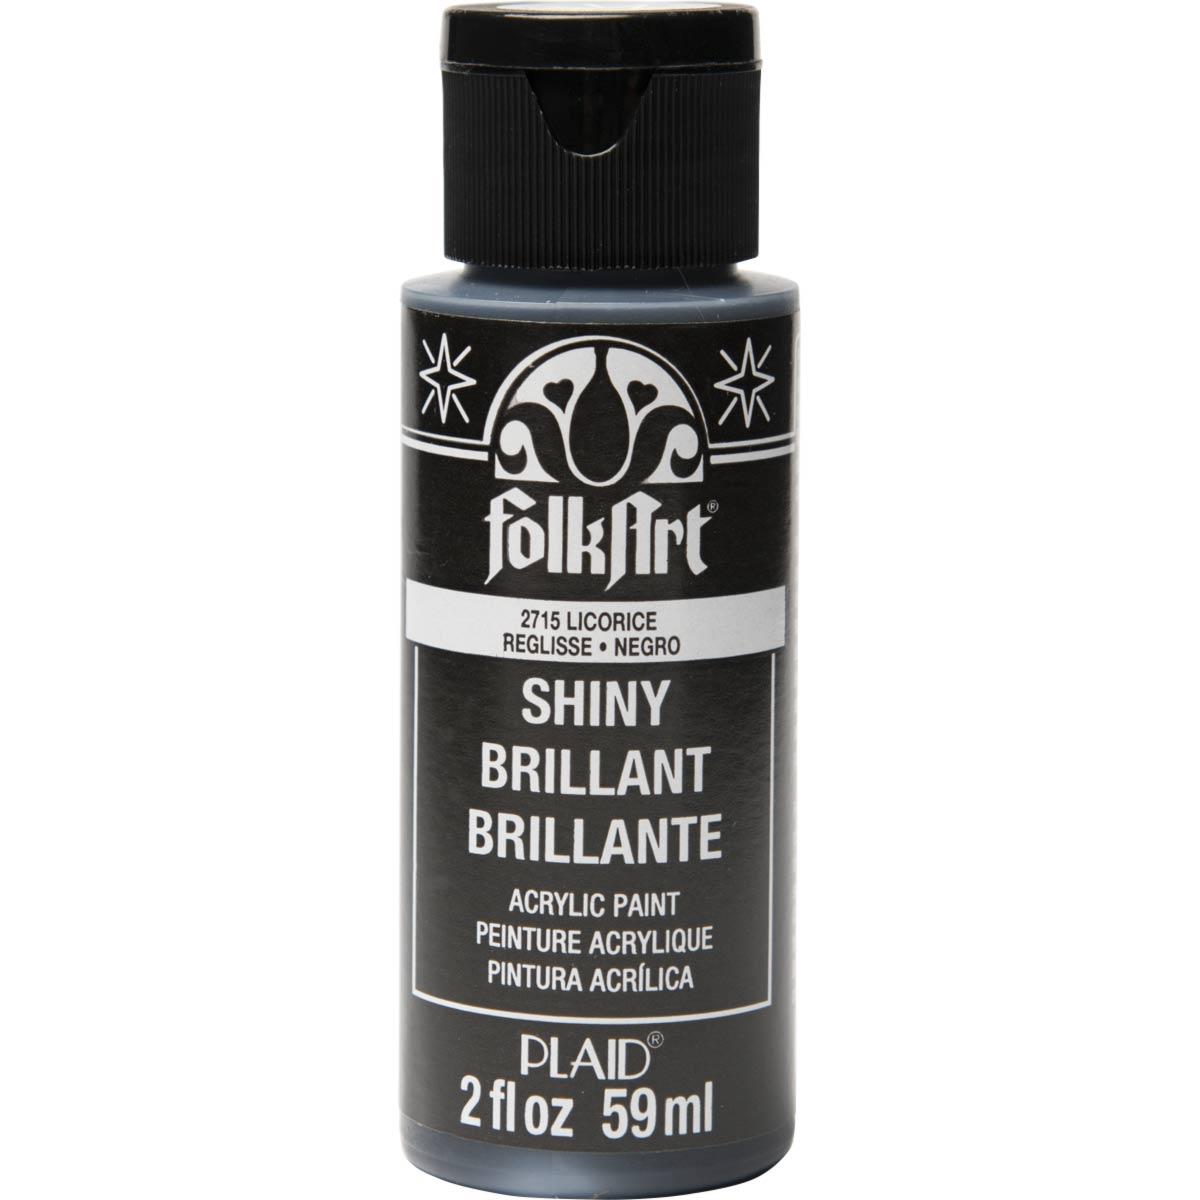 FolkArt ® Shiny™ Acrylic Paint - Licorice, 2 oz. - 2715